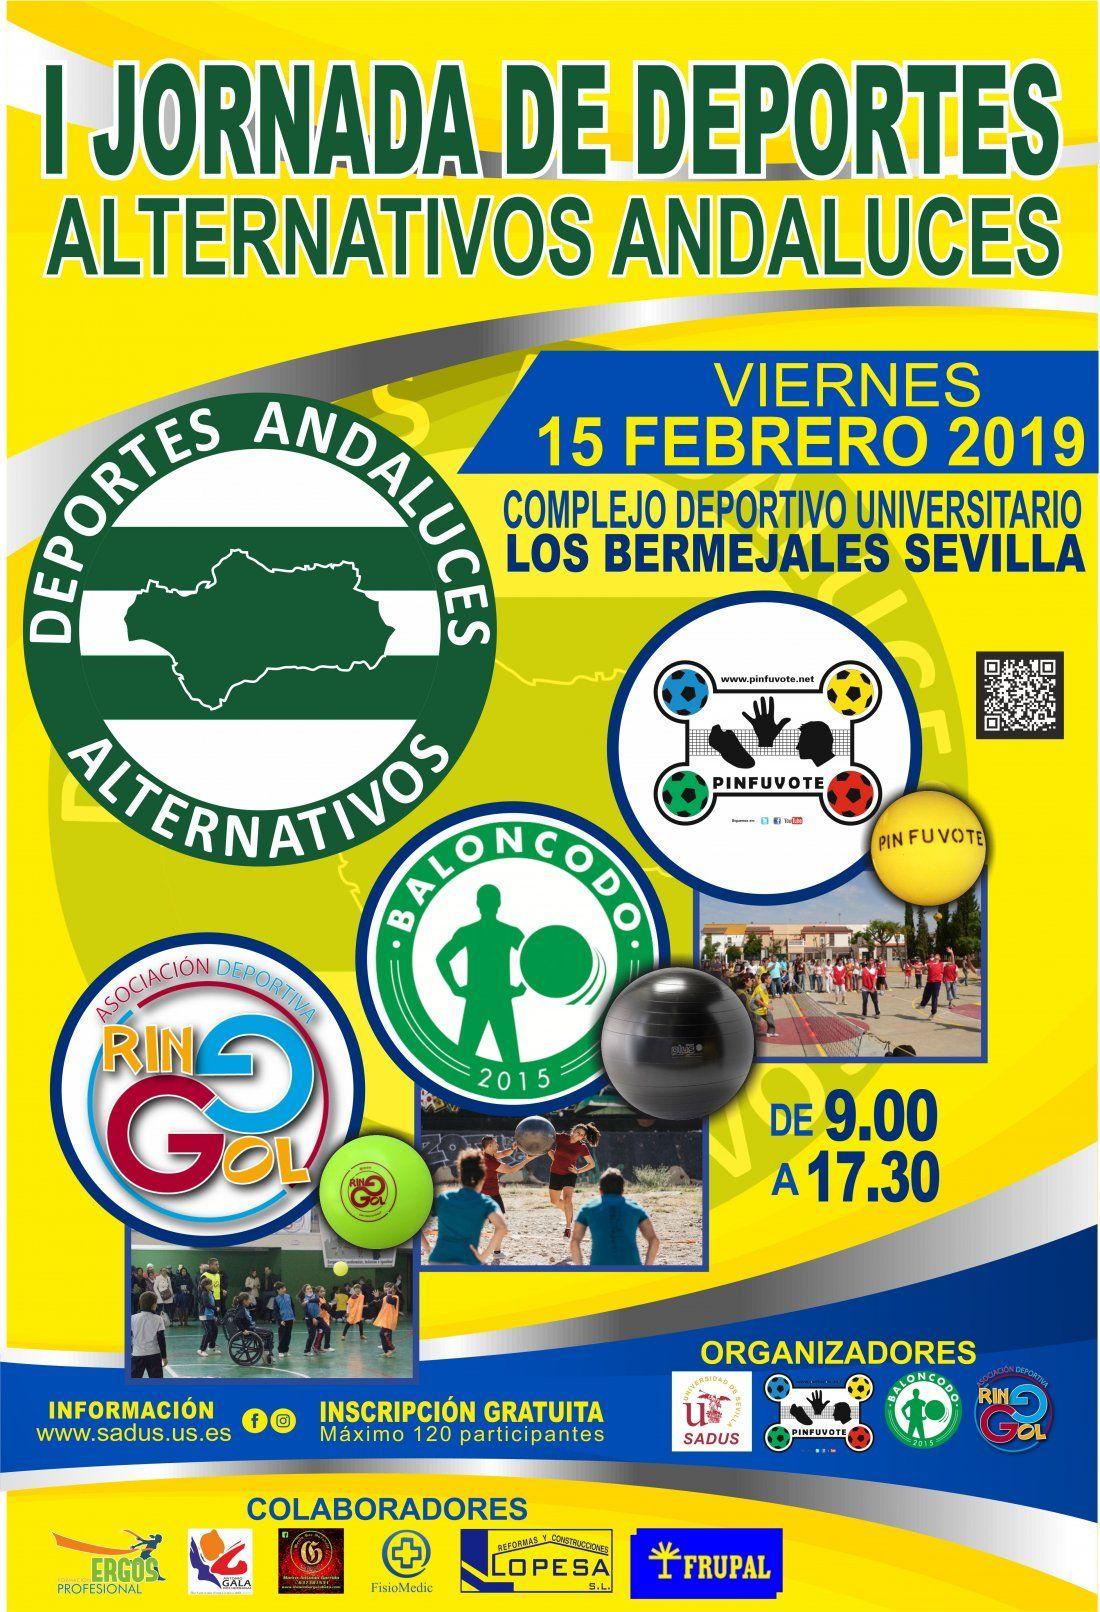 I Jornada de Deportes Alternativos Andaluces